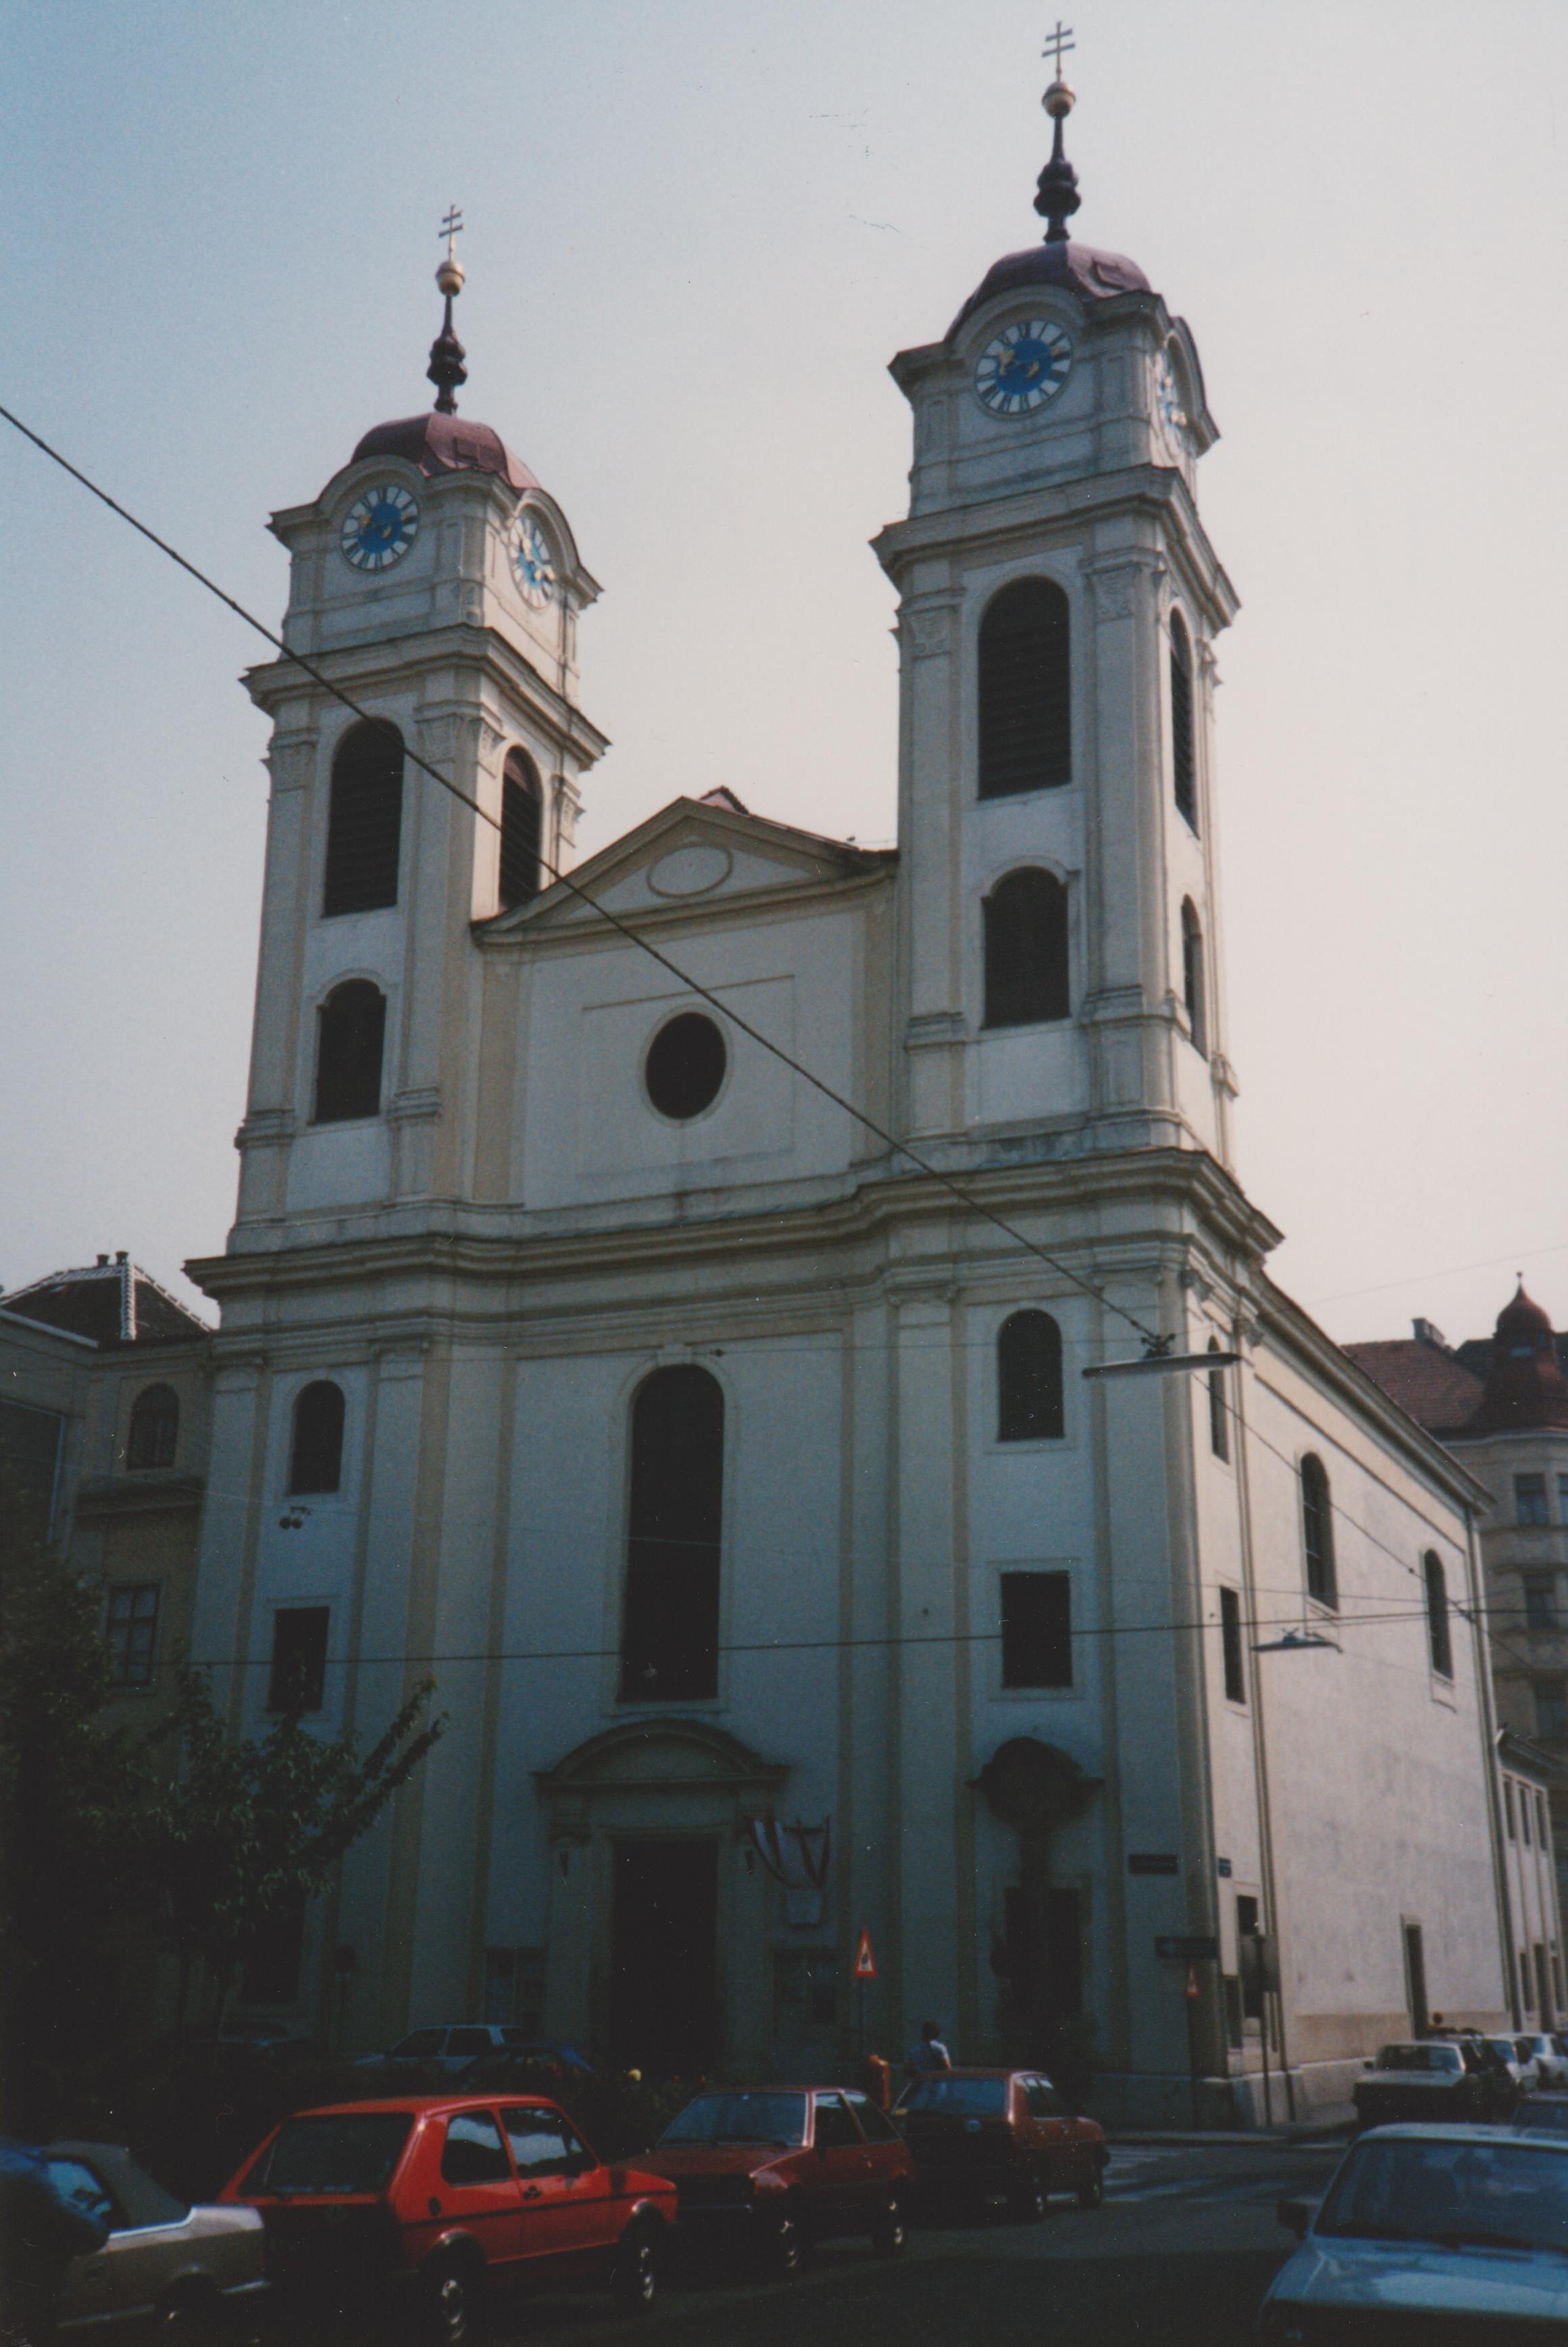 Lichtental church Vienna, where Schubert was organist